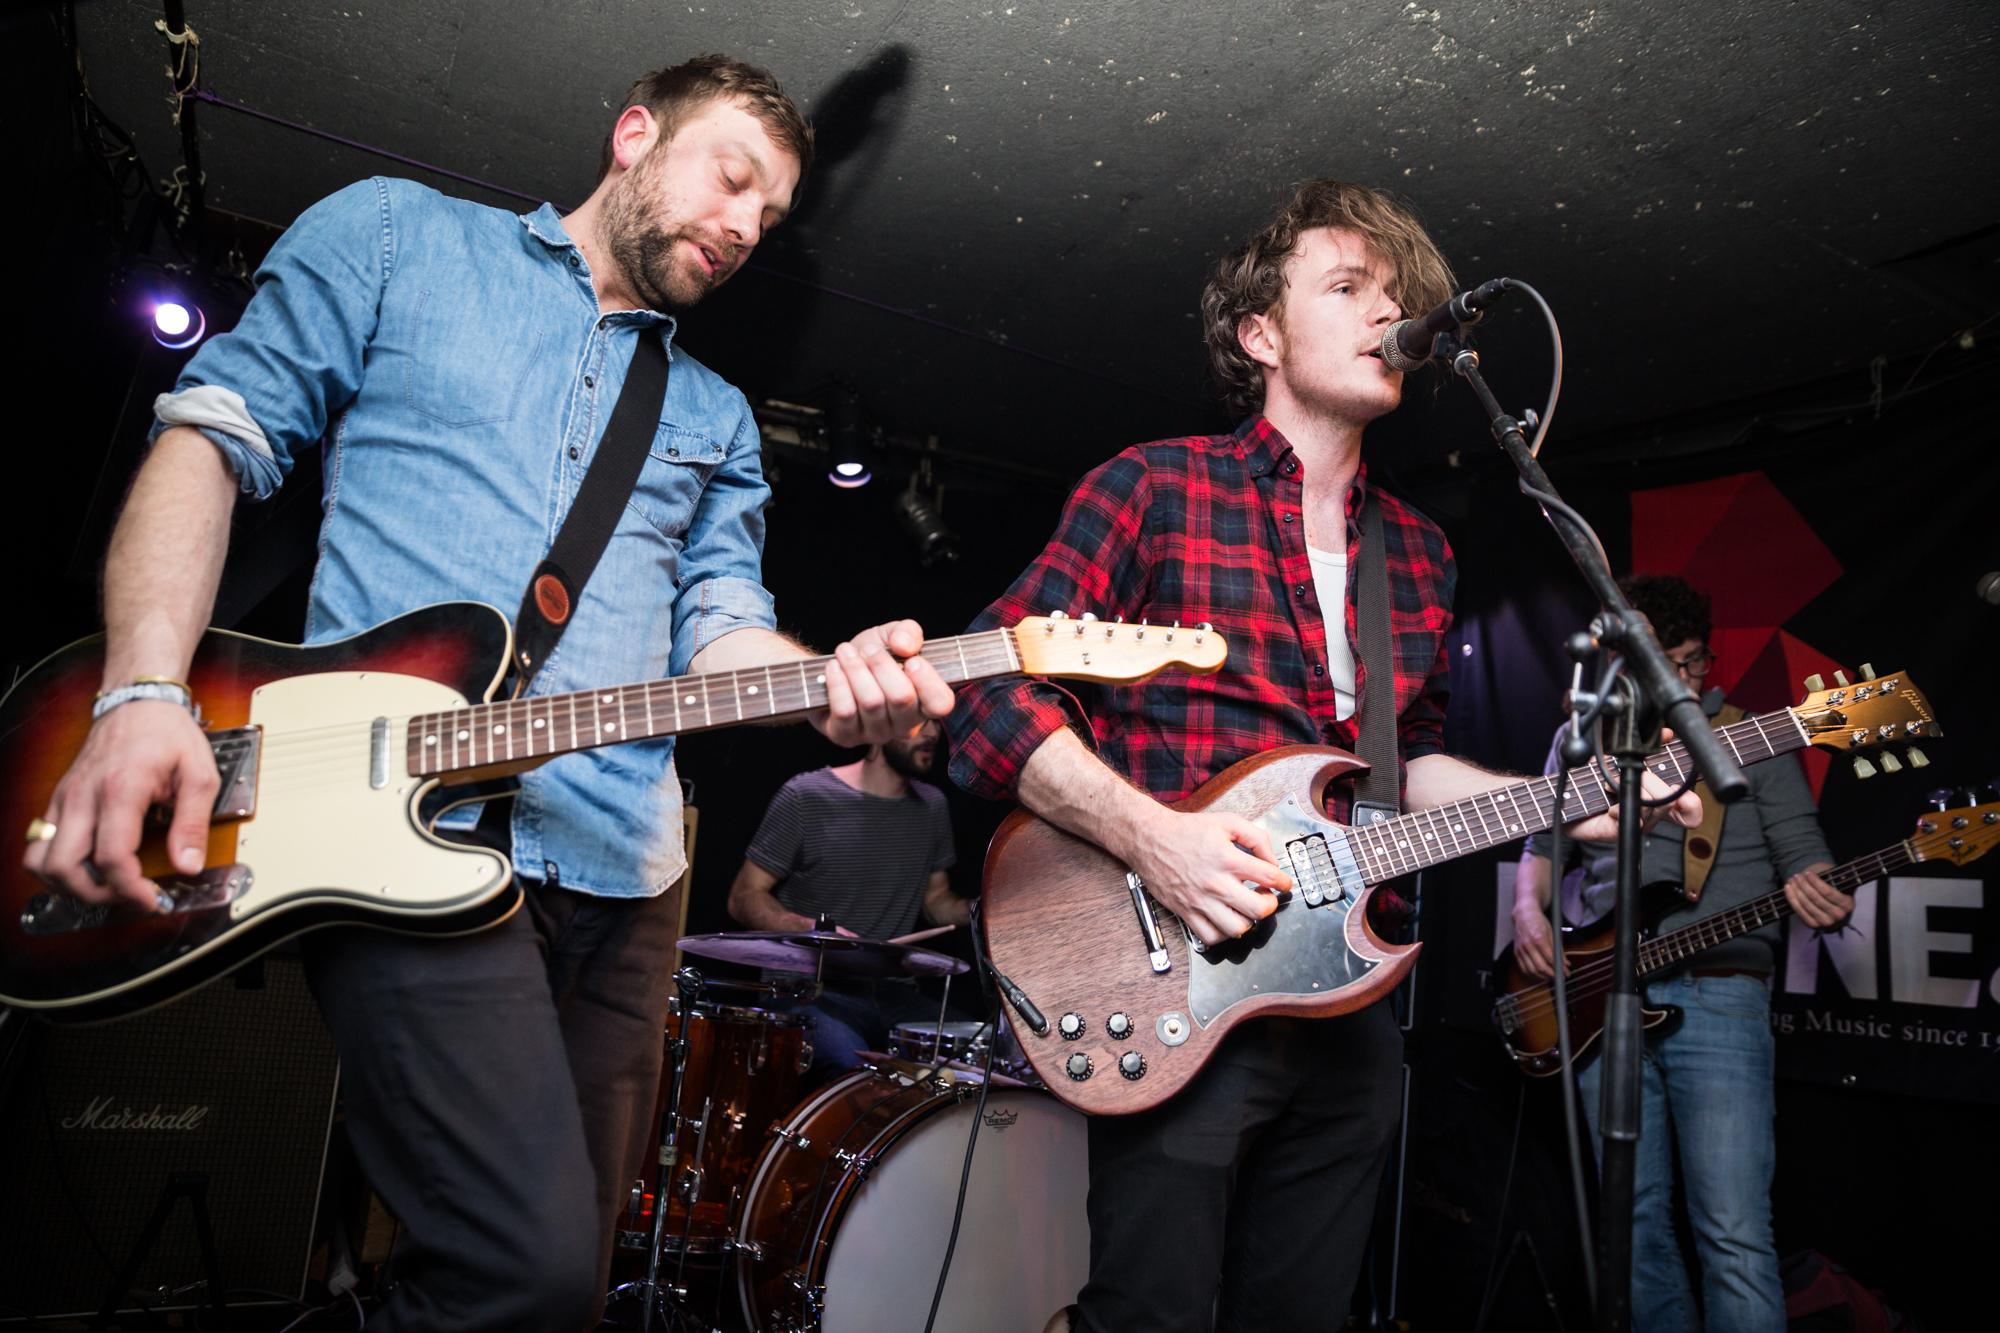 Cloudride ersetzen gemeinsam den abgewanderten Gitarristen und lassen auch zu viert schwelgen.